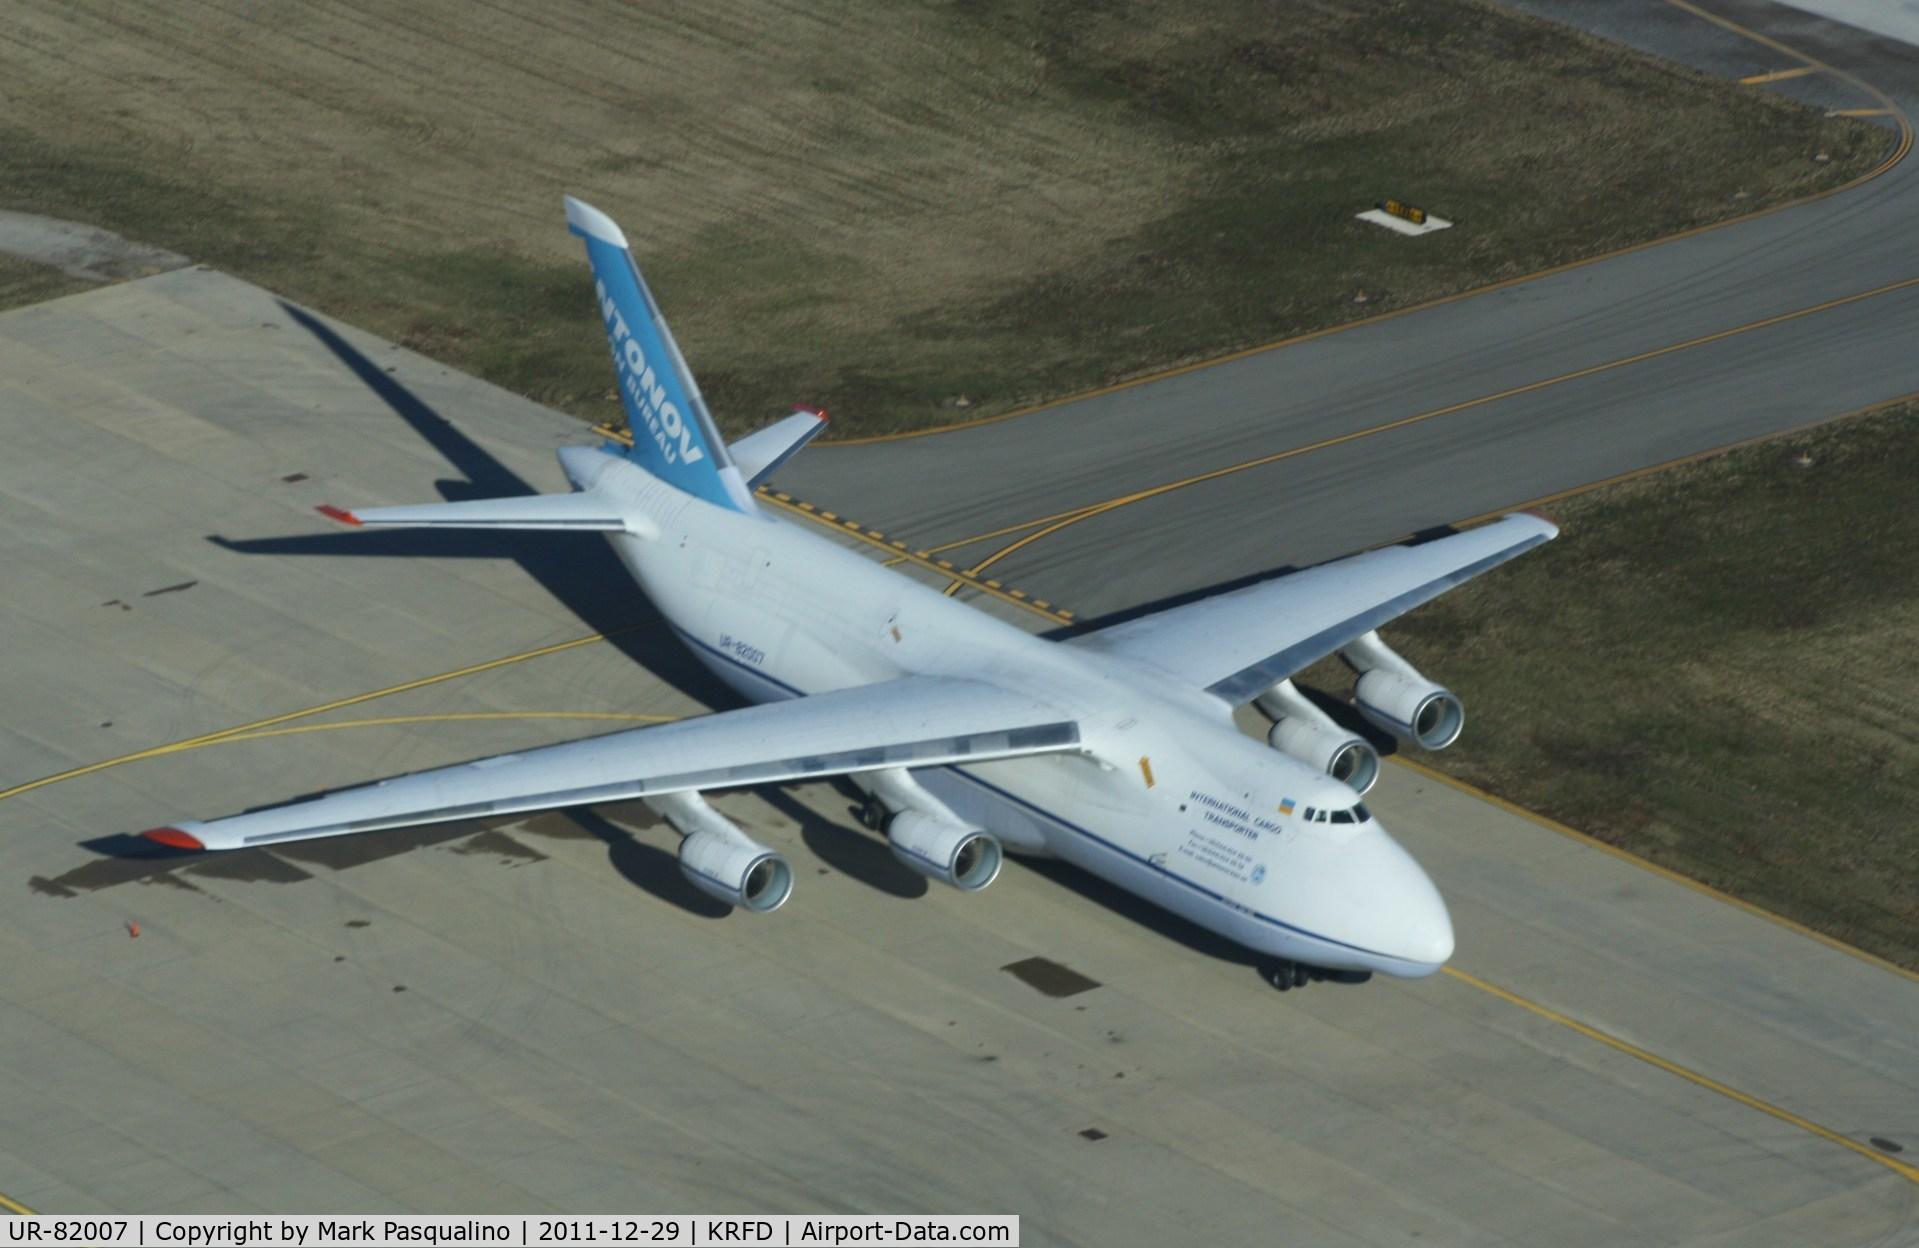 UR-82007, 1986 Antonov An-124-100 Ruslan C/N 19530501005, An-124-100